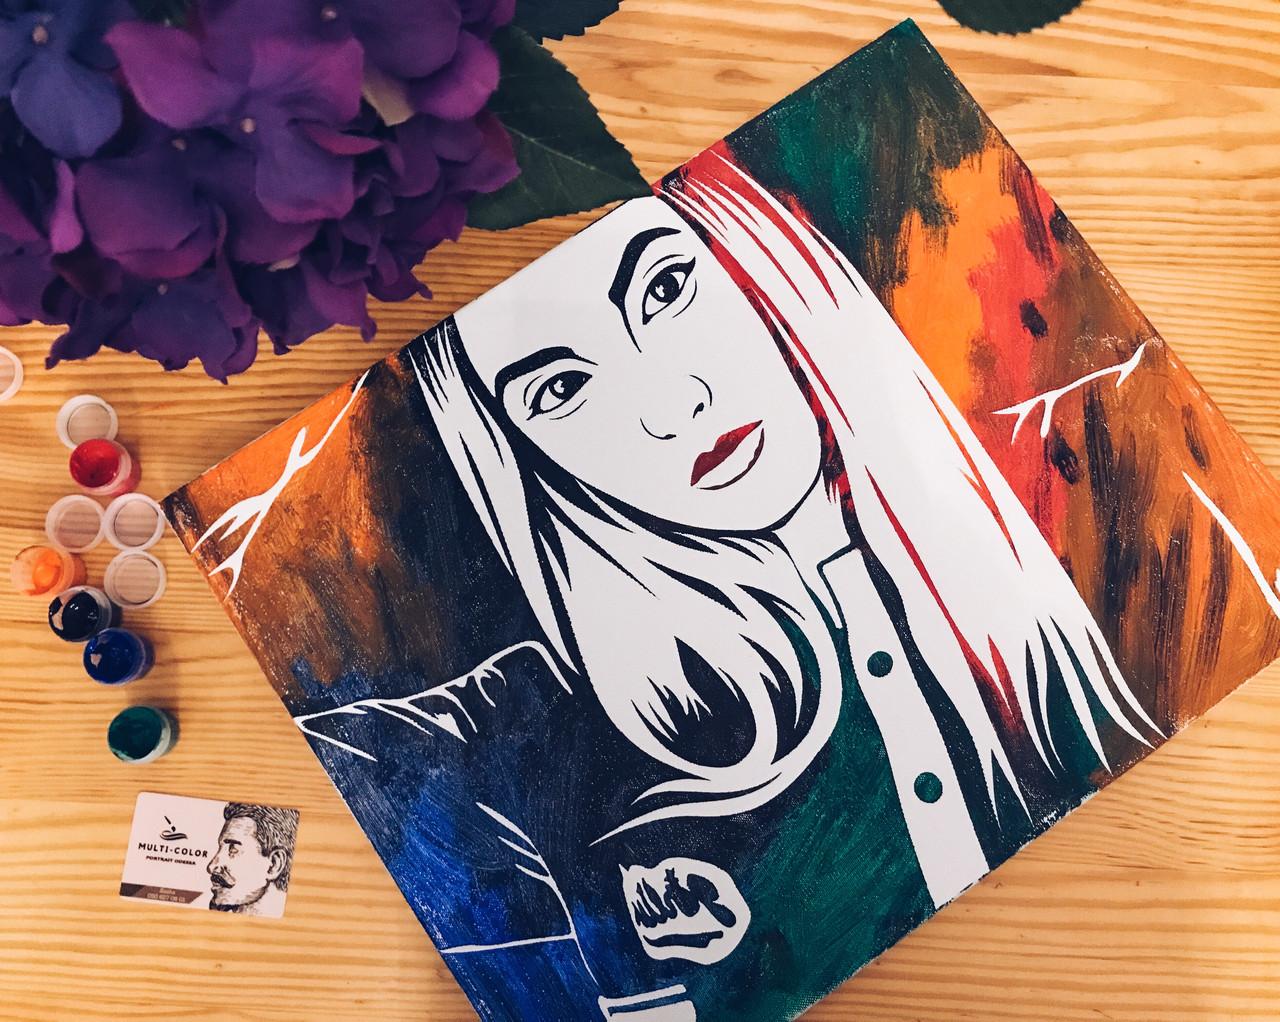 Портрет флип флоп, портрет по фото, pop art, поп-арт,  портрет на заказ Размер 30*40